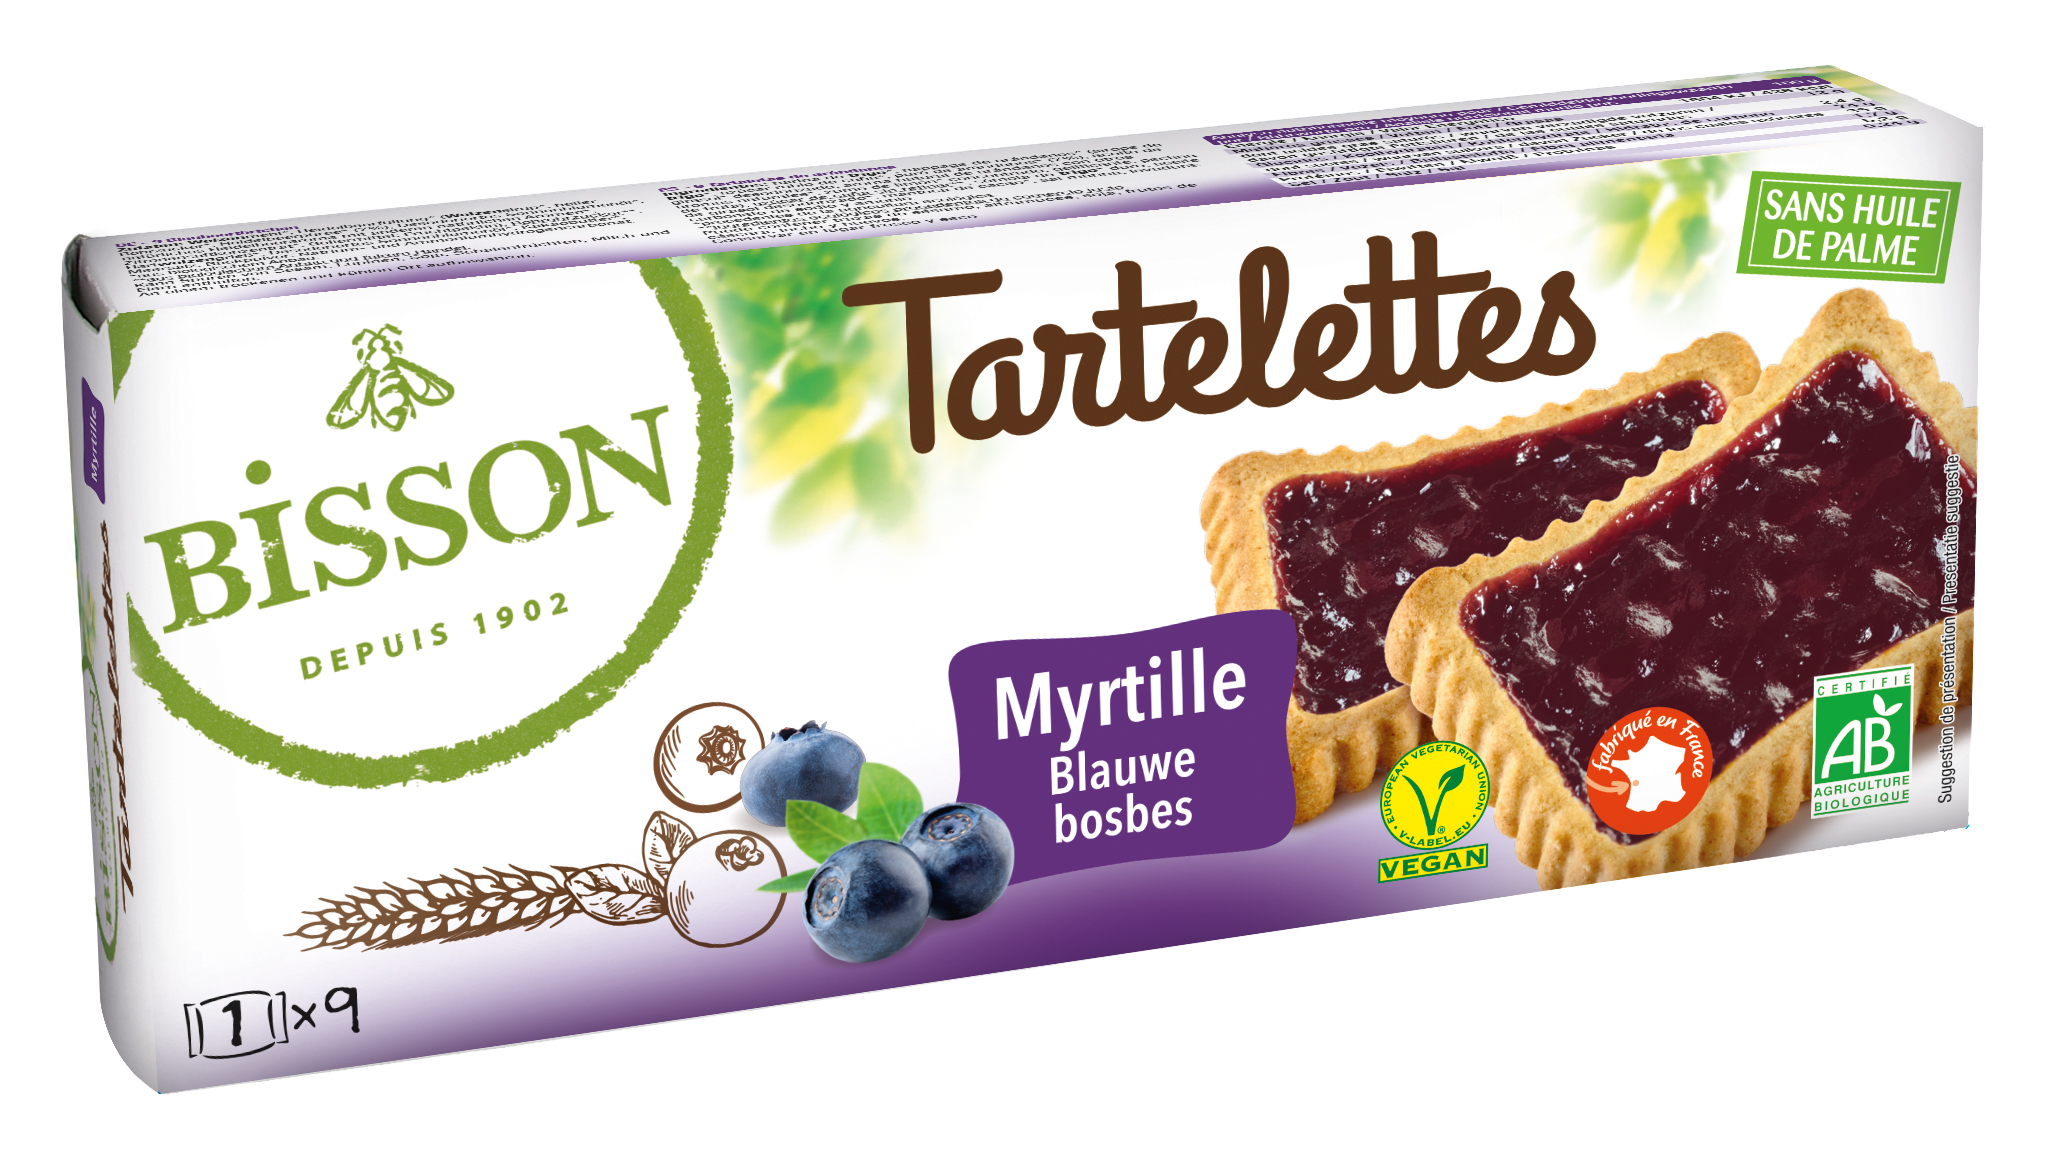 bisson 8666 tartelette myrtille 2018 - Bisson lance une nouvelle gamme de biscuits bio